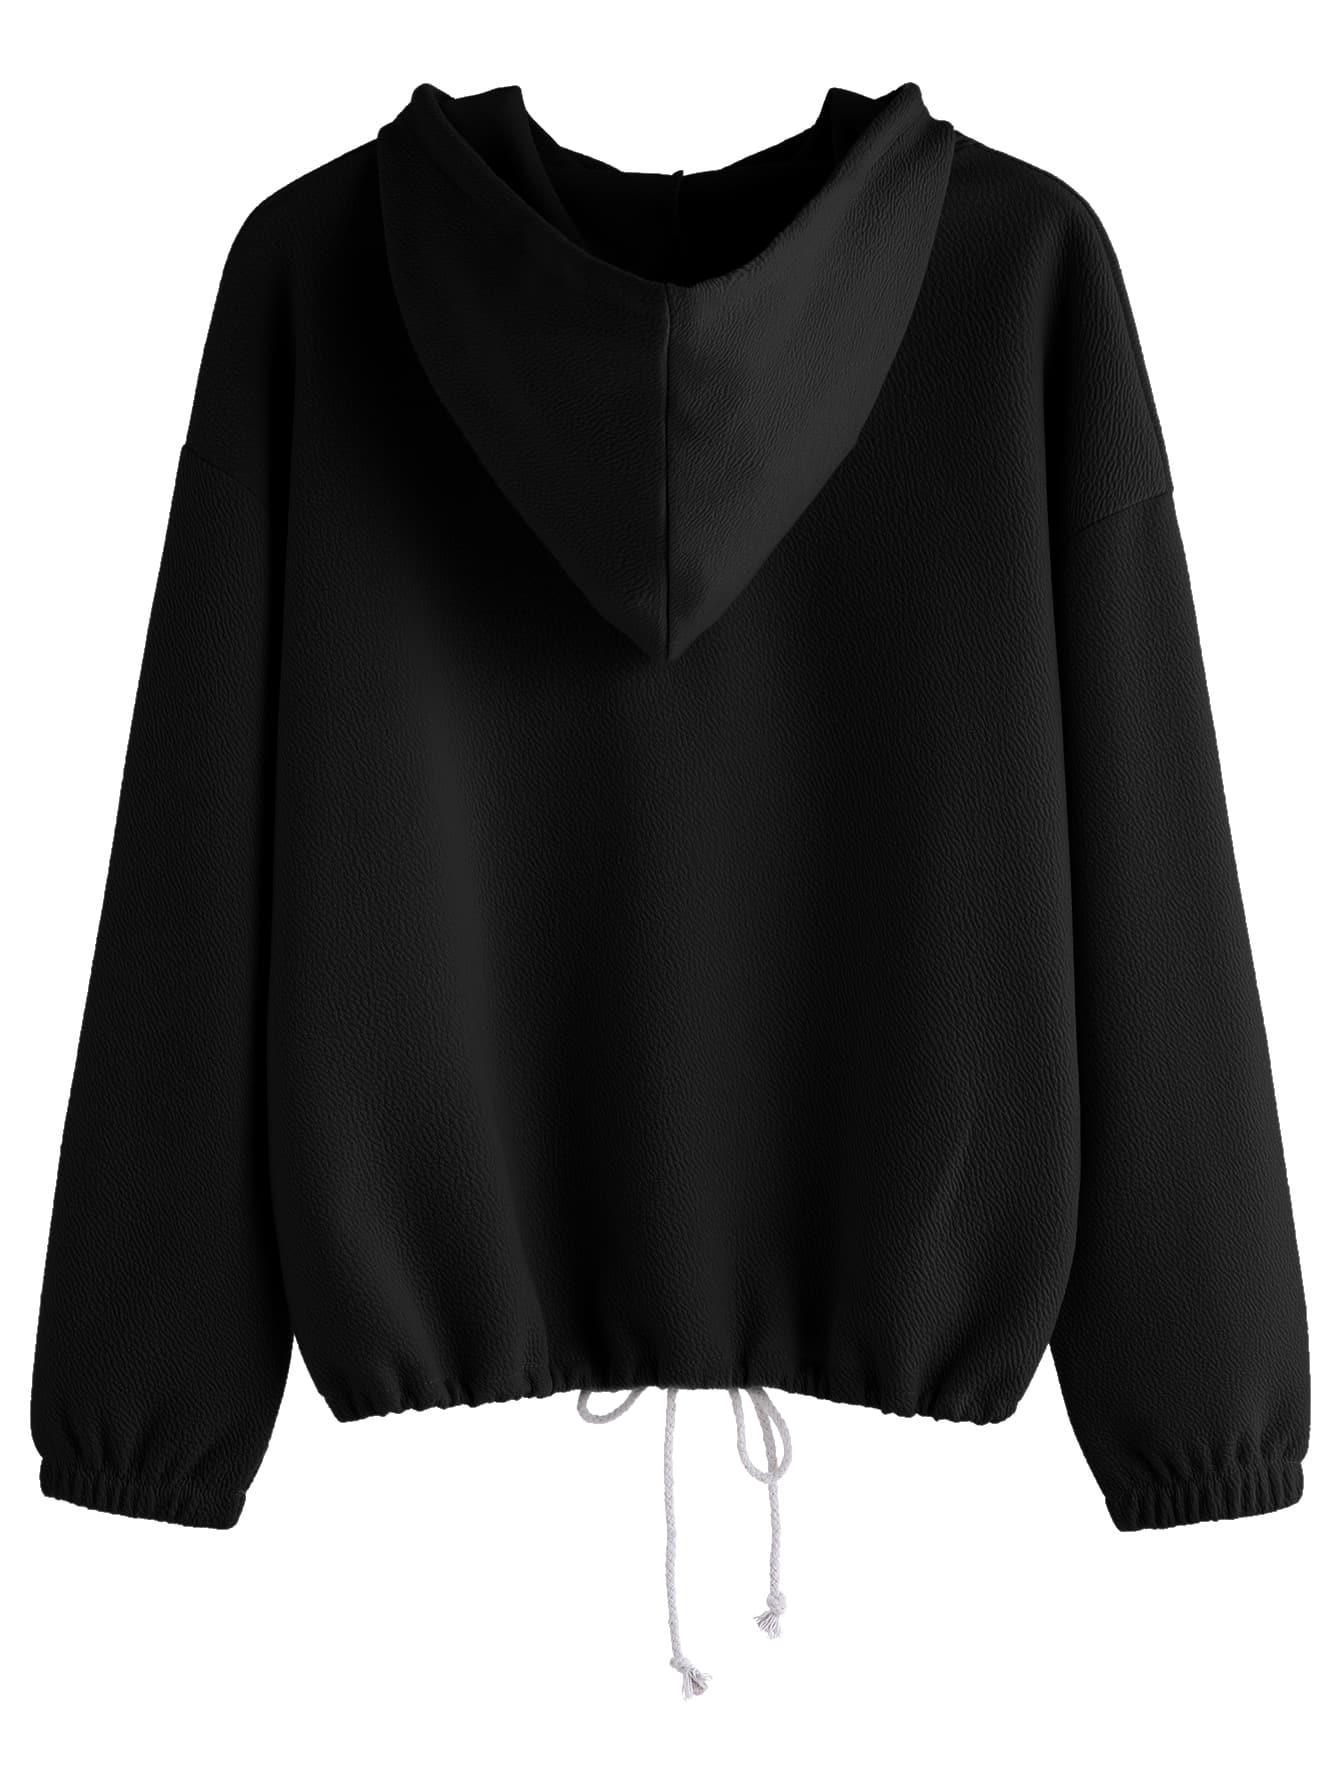 sweatshirt161021104_2